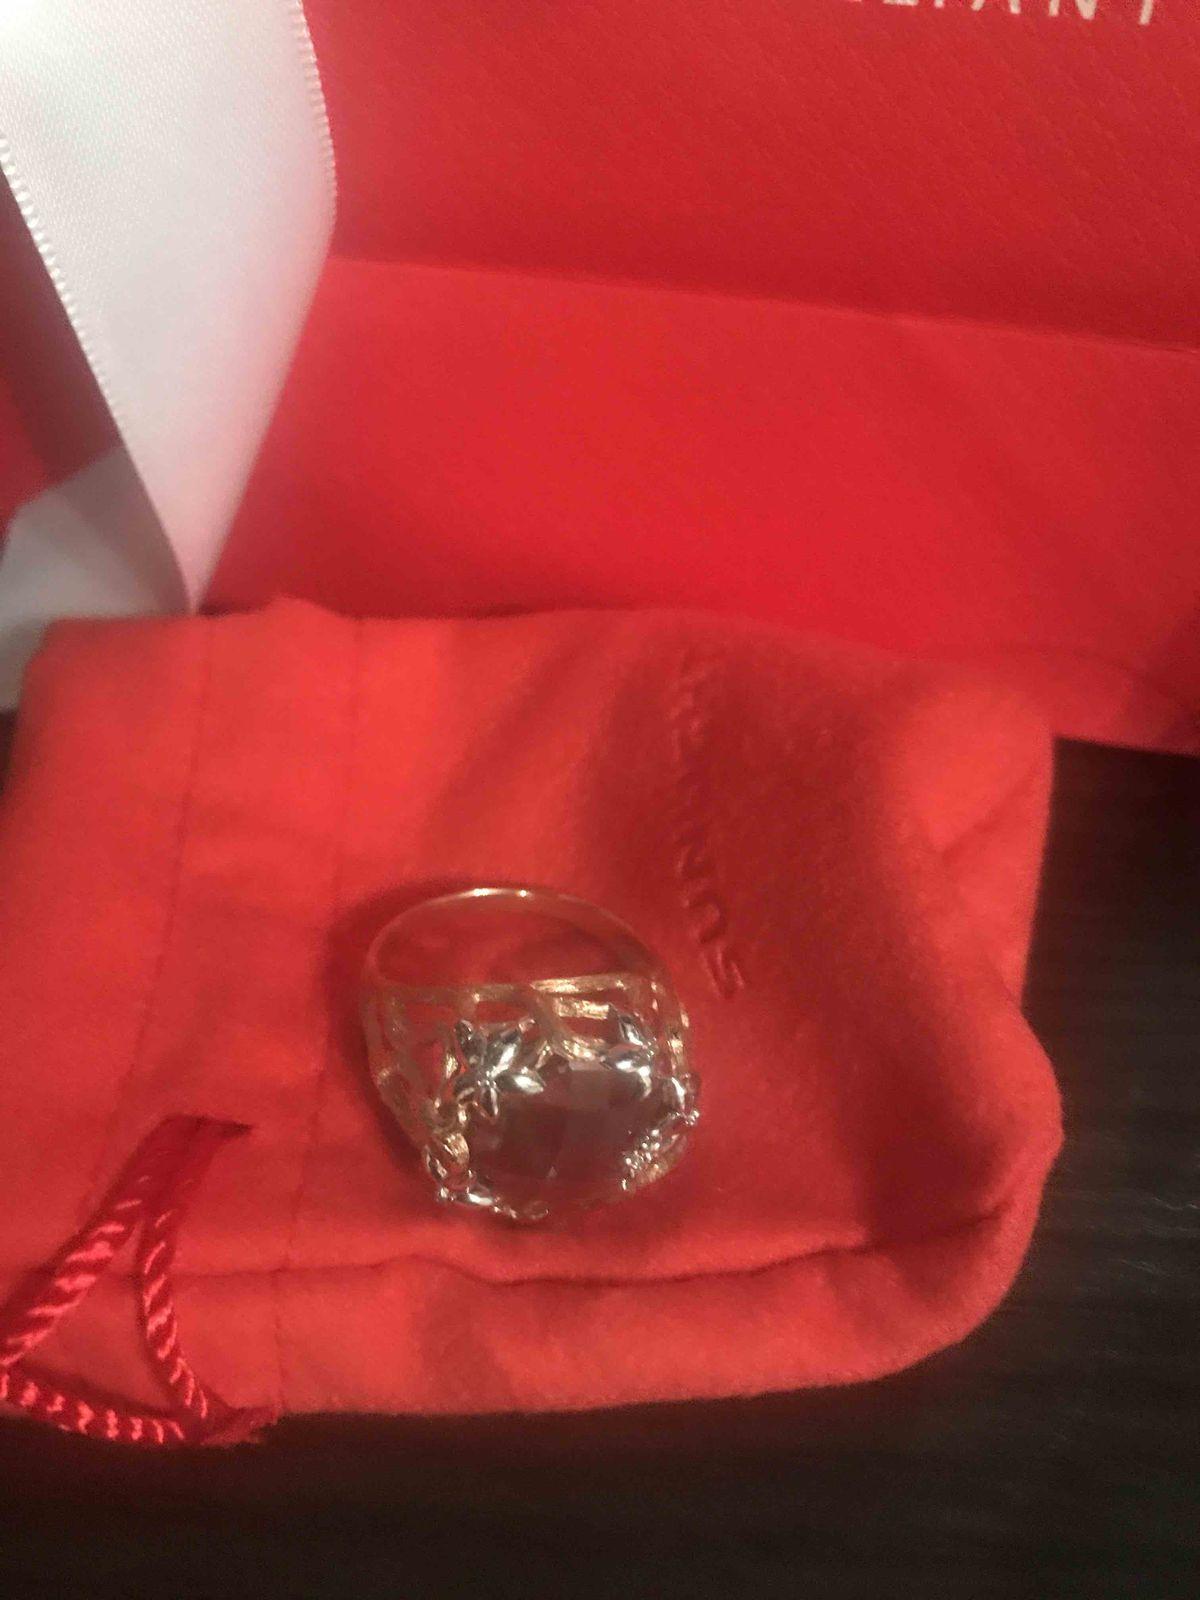 Кольцо очень красивое, простота и нежность в одном.